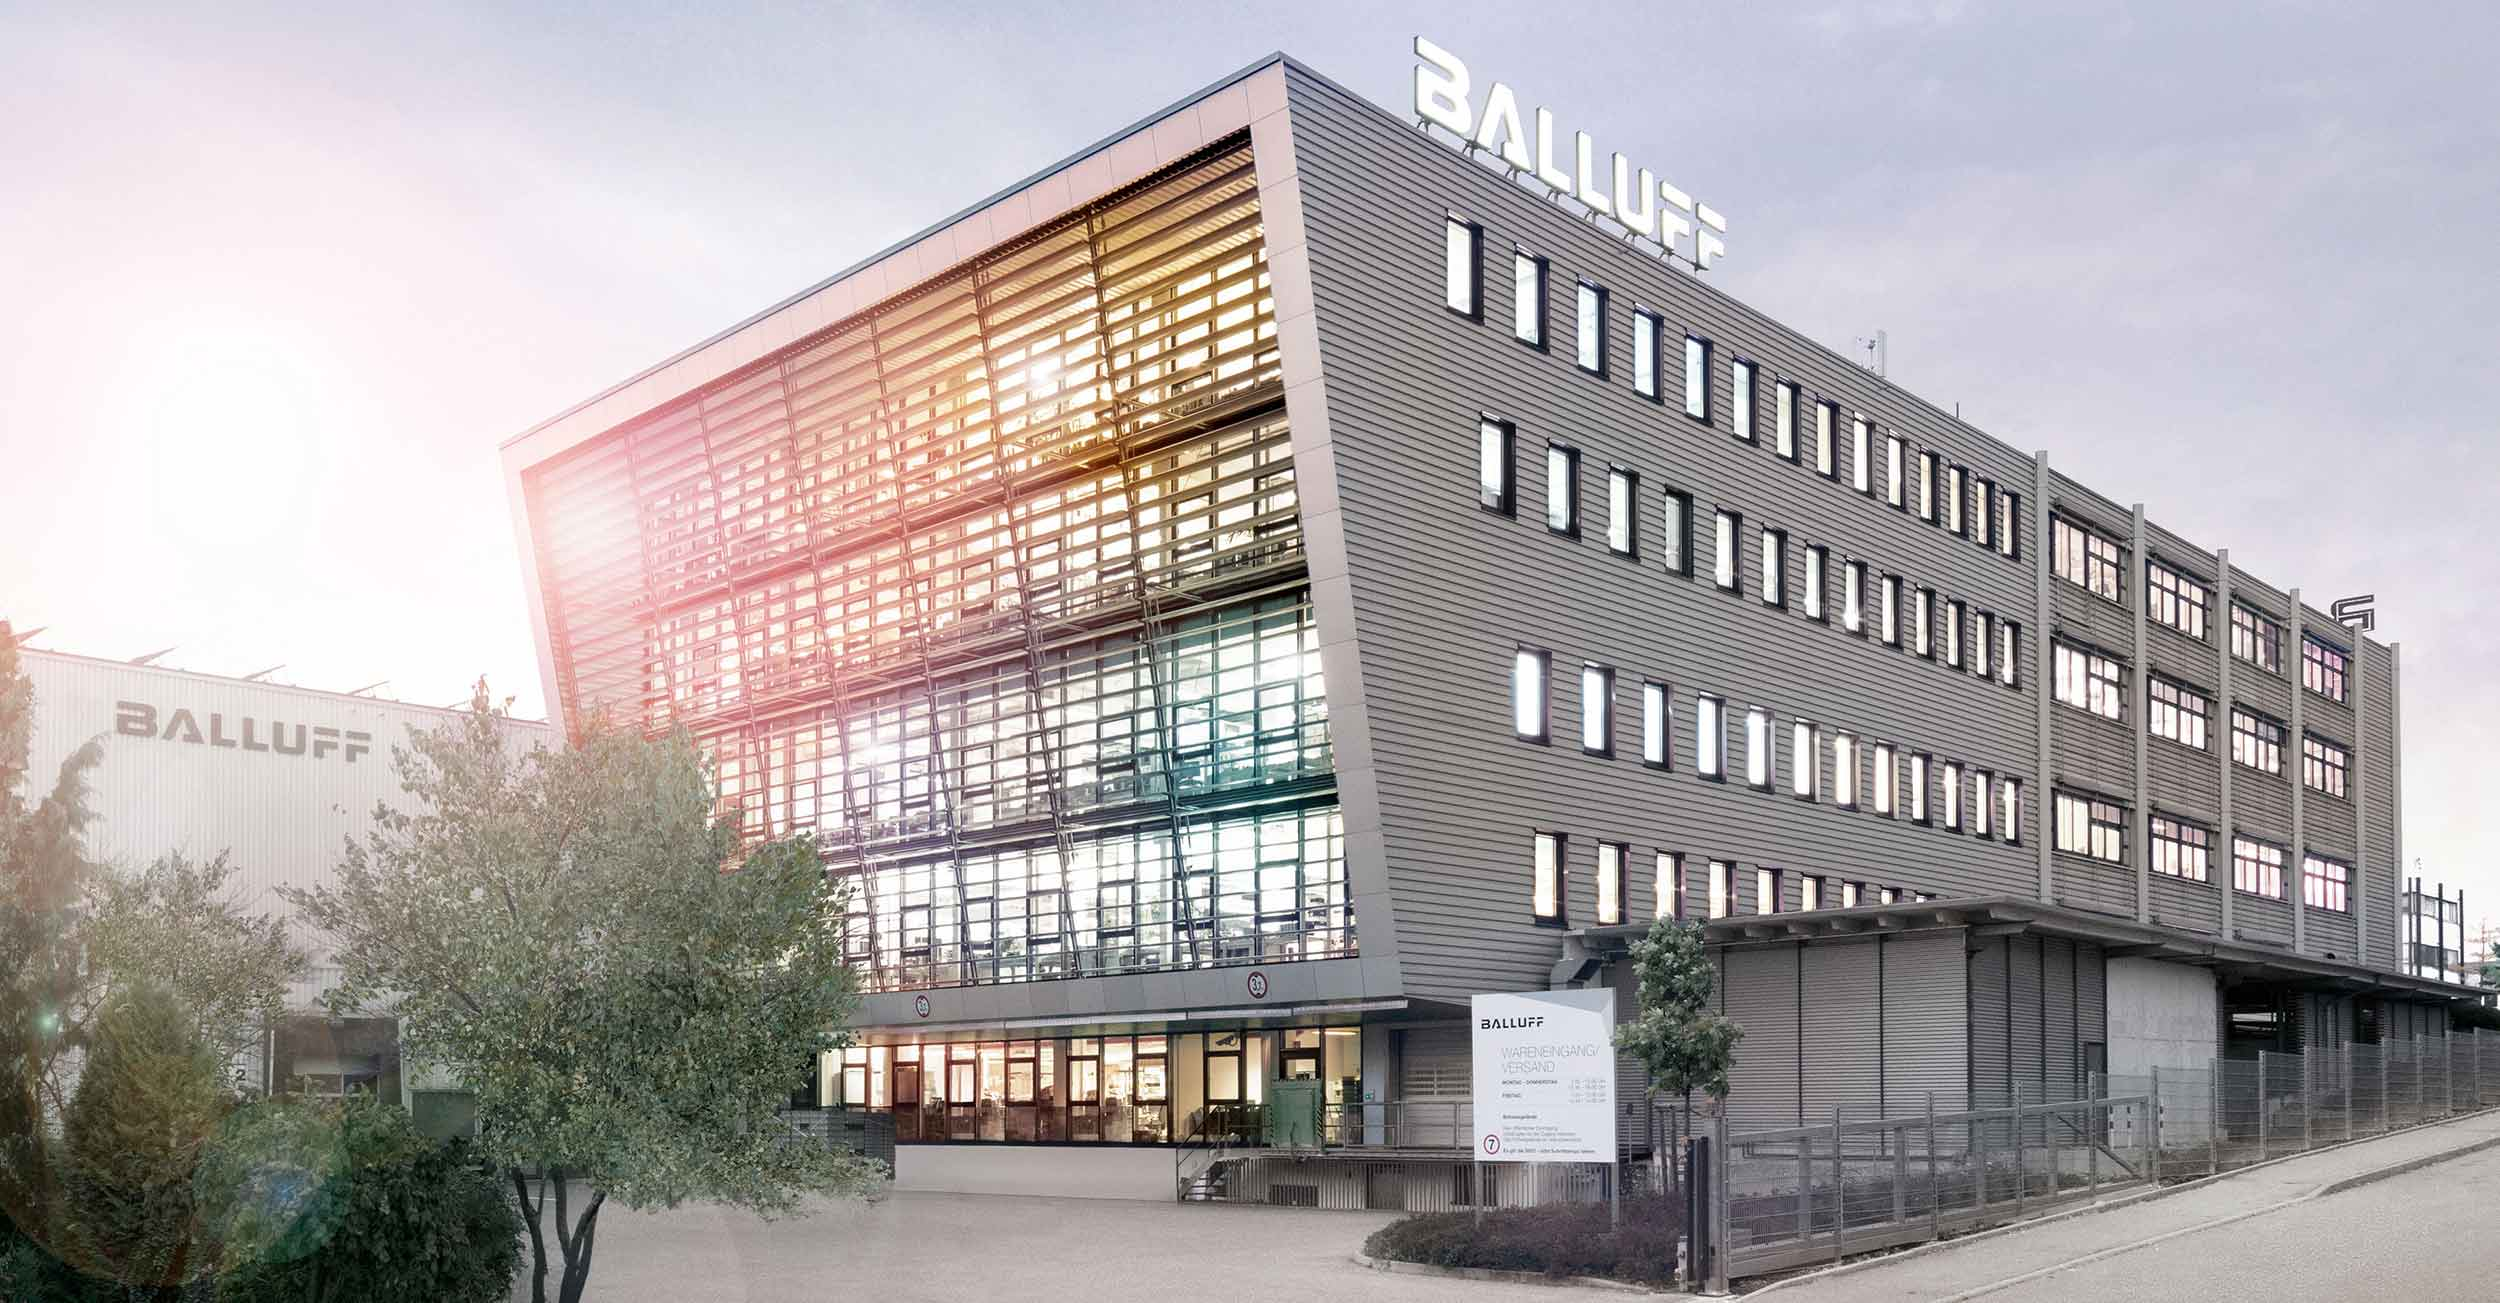 Als PR-Agentur in Stuttgart betreuen wir Mittelständler und Unternehmen wie Balluff, Treiber der Digitalisierung und Automation mit Hilfe von Sensorik und innovativen Systemen